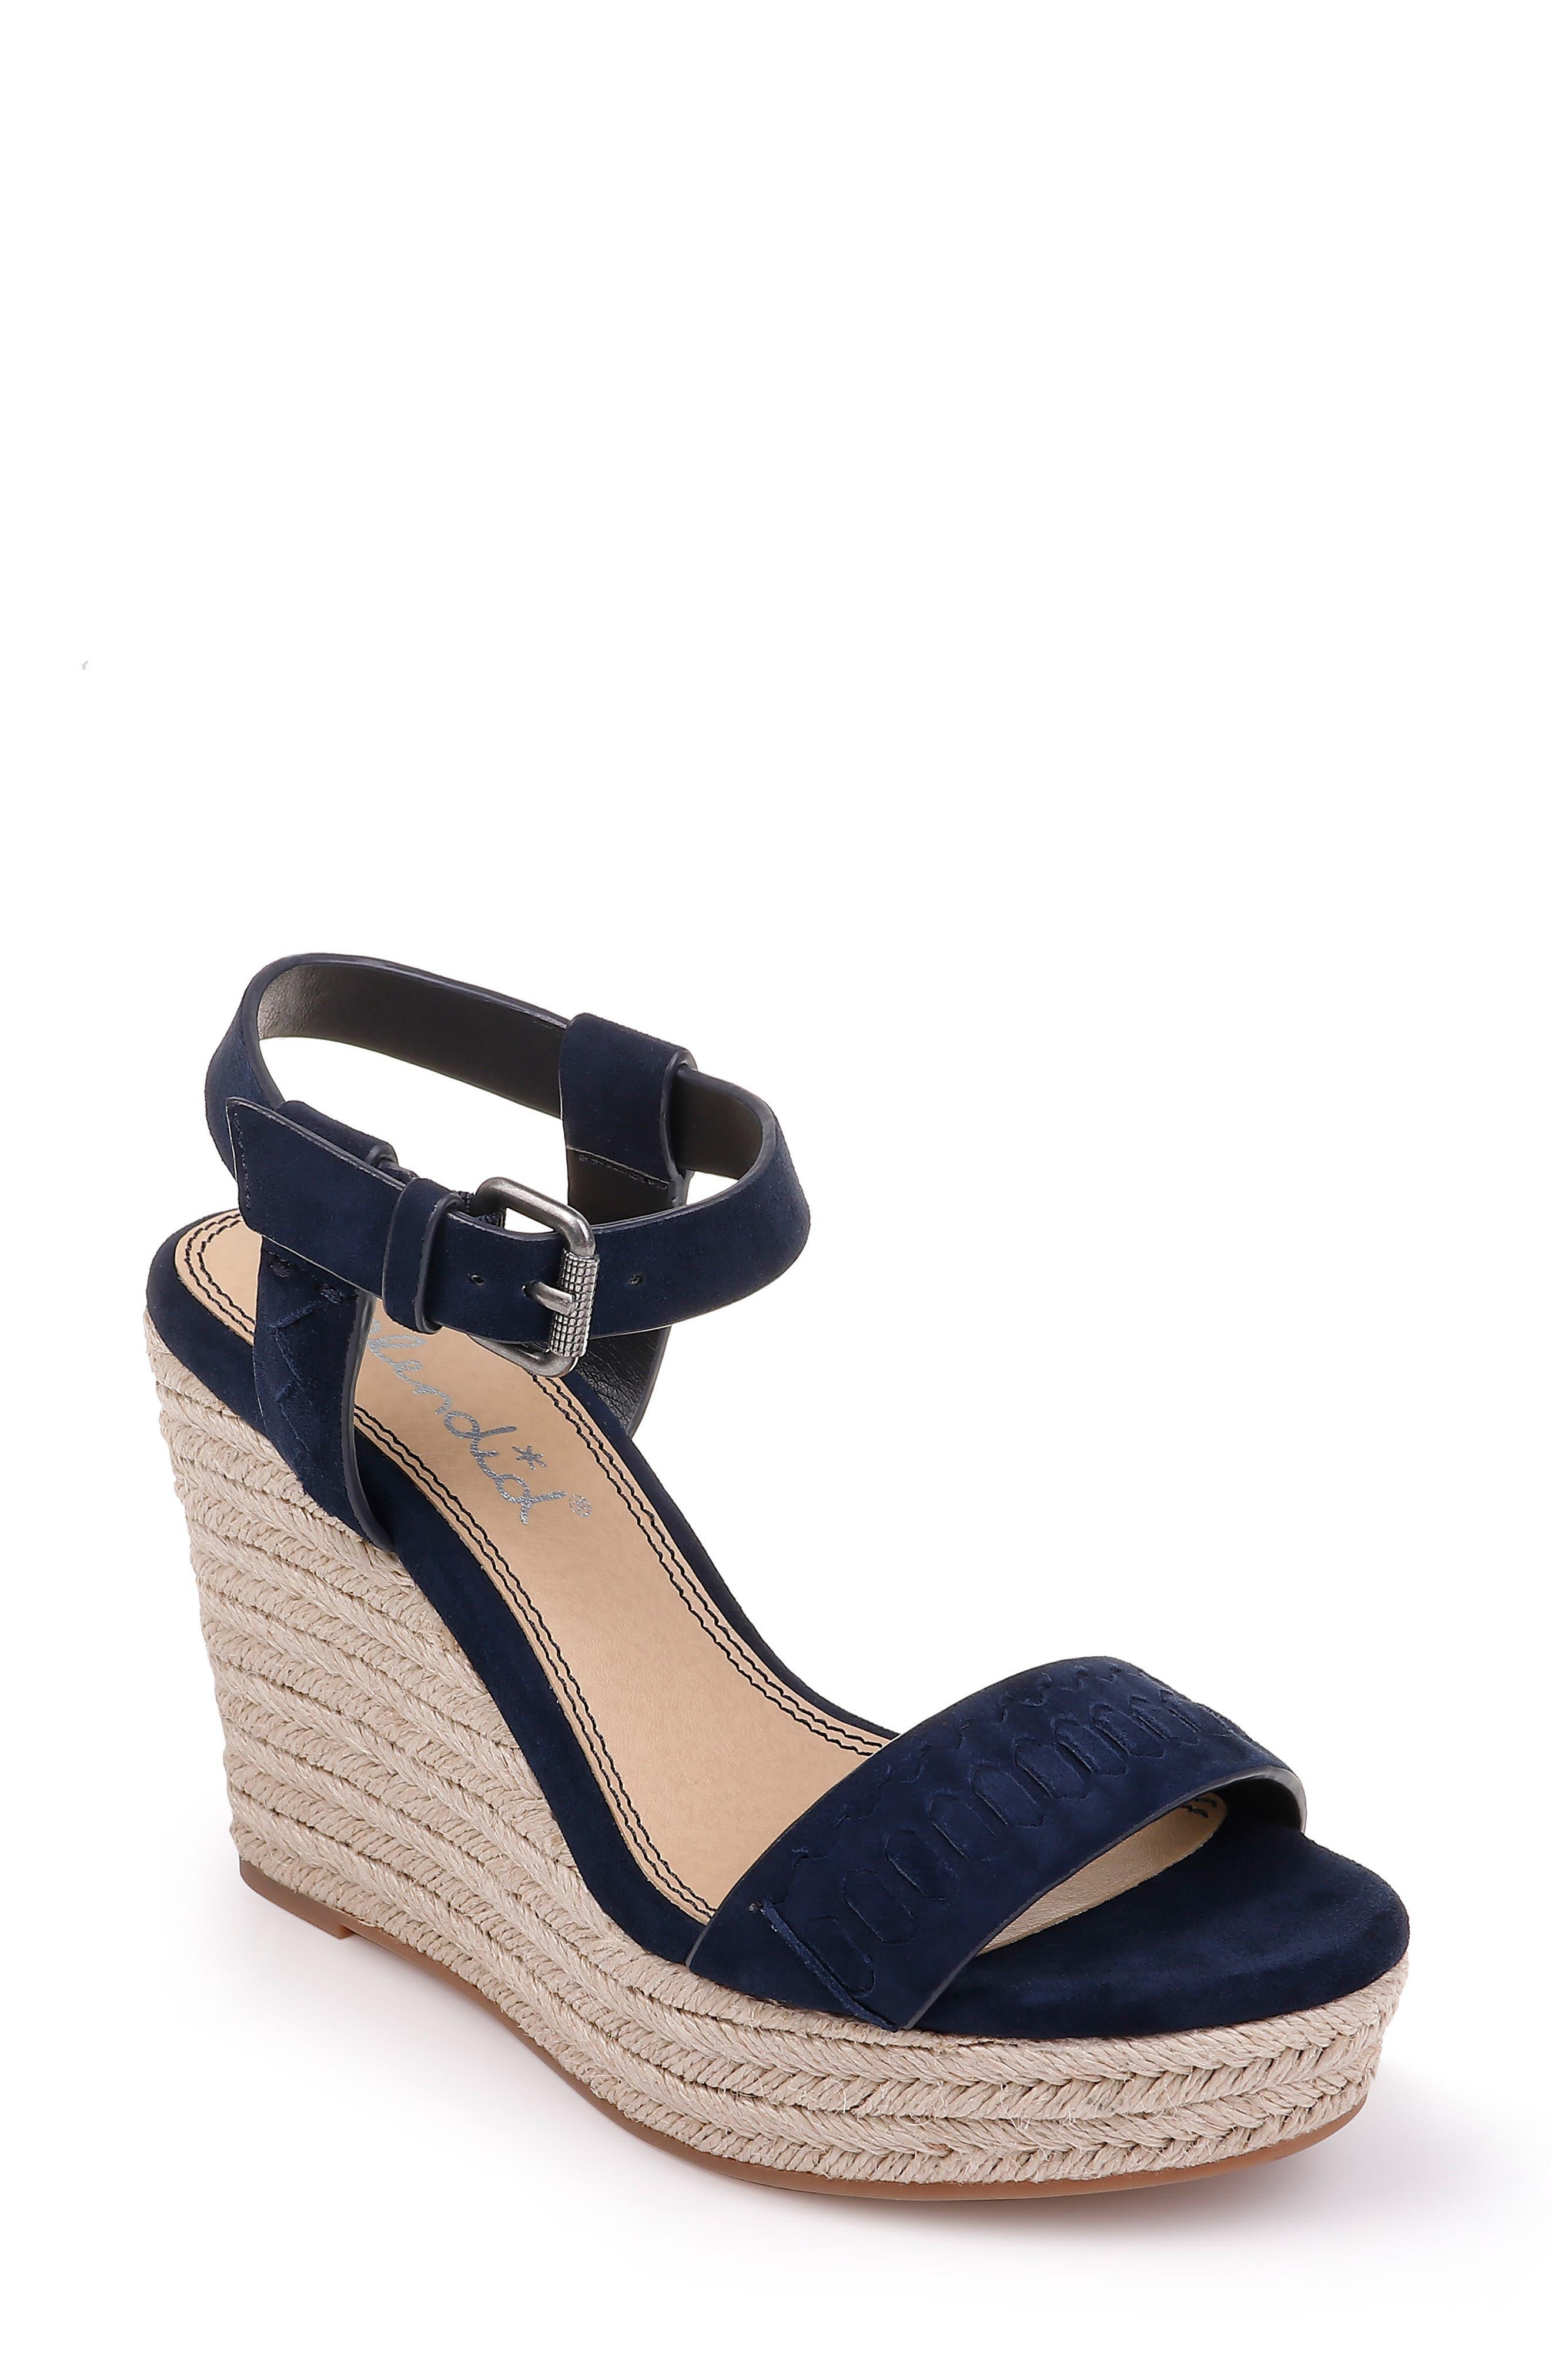 Splendid Shayla Woven Wedge Sandal- Blue